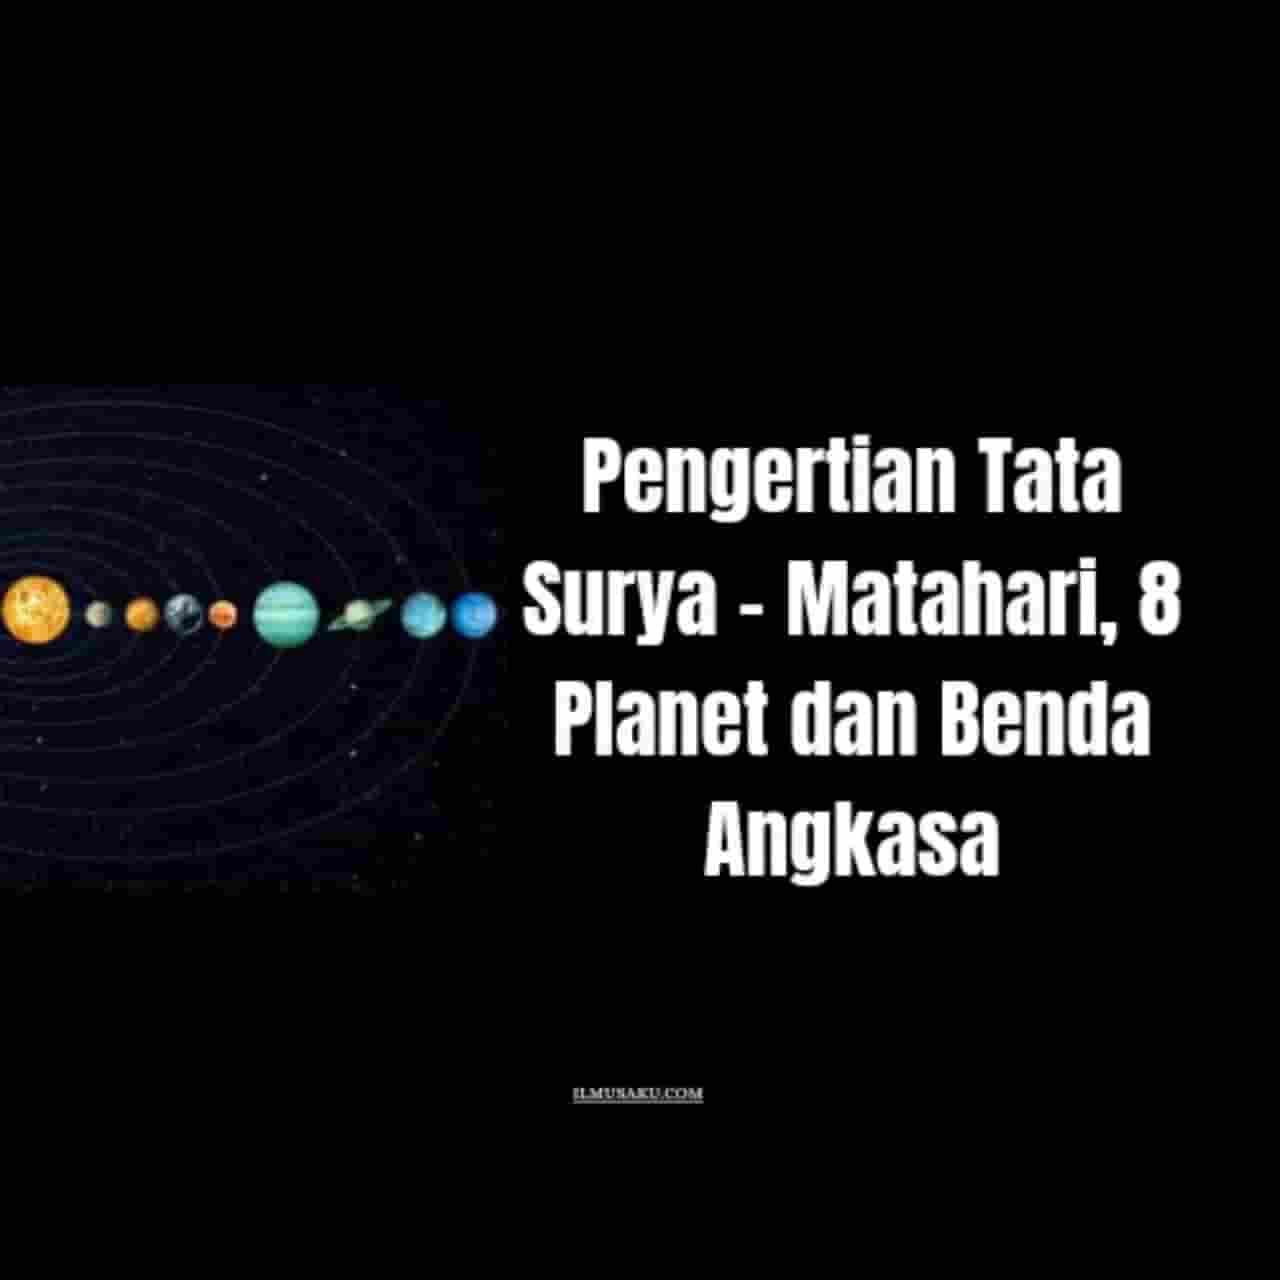 Pengertian Tata Surya adalah